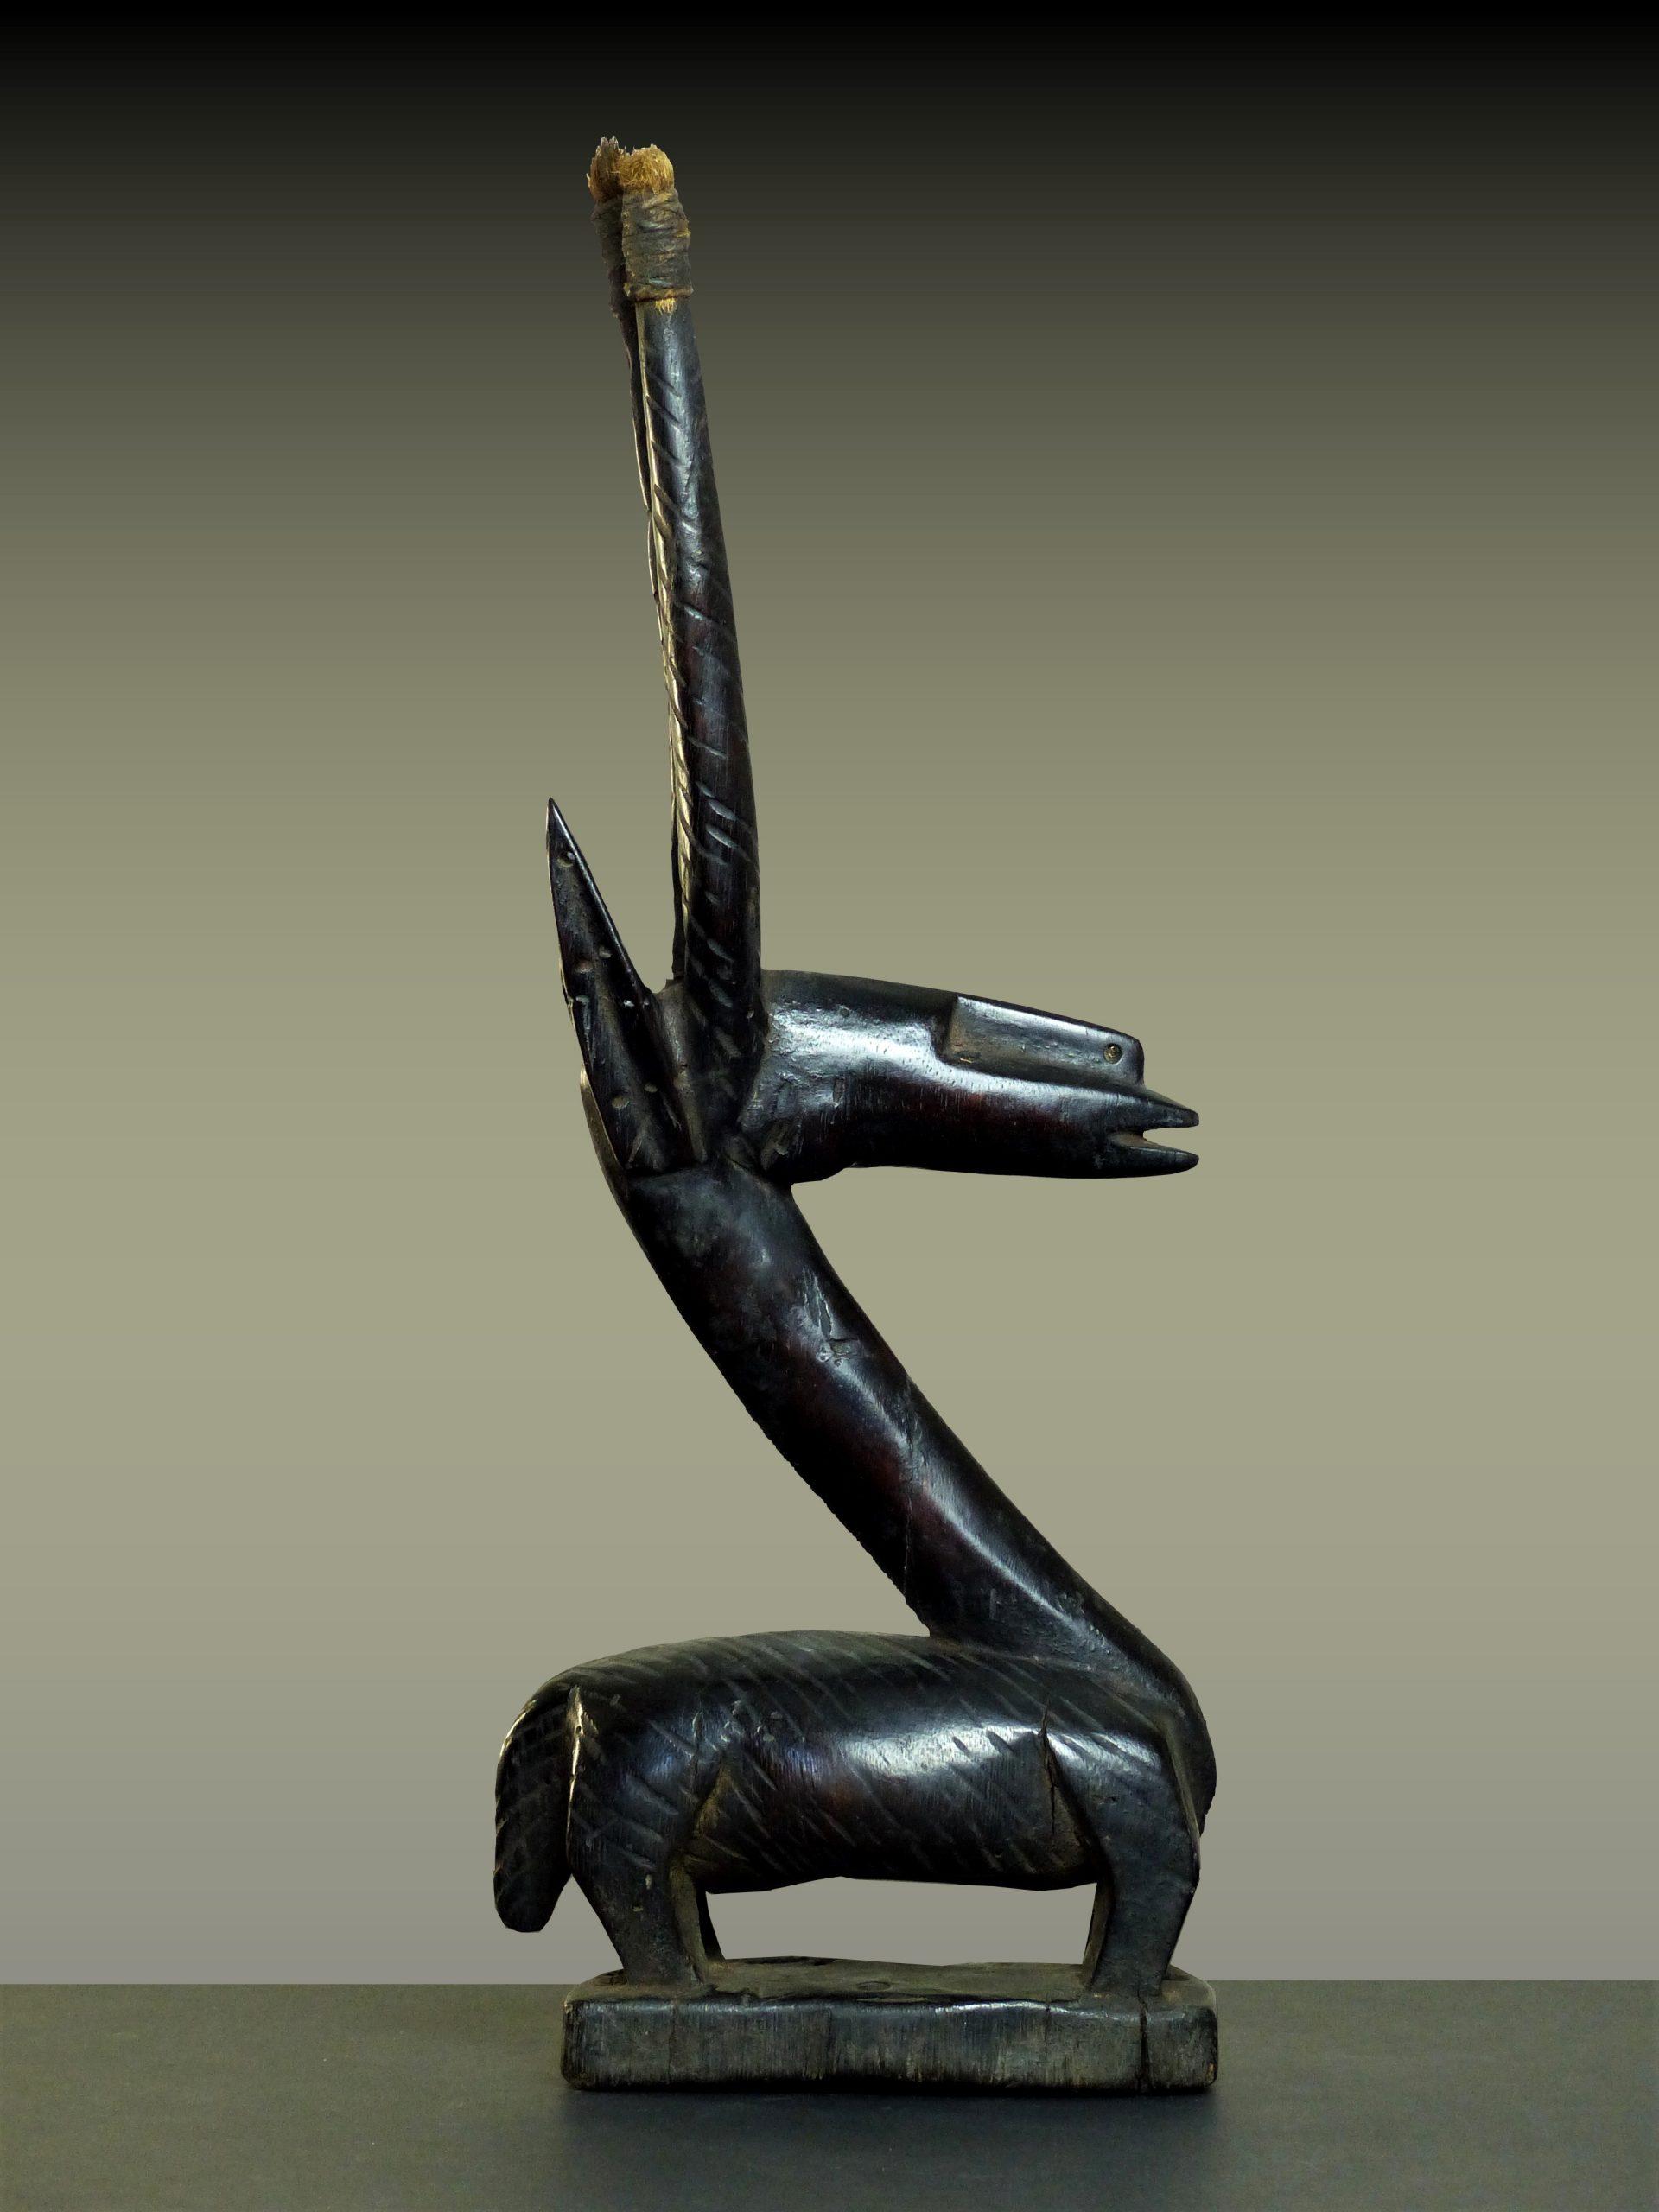 tiwara en pied profil droit